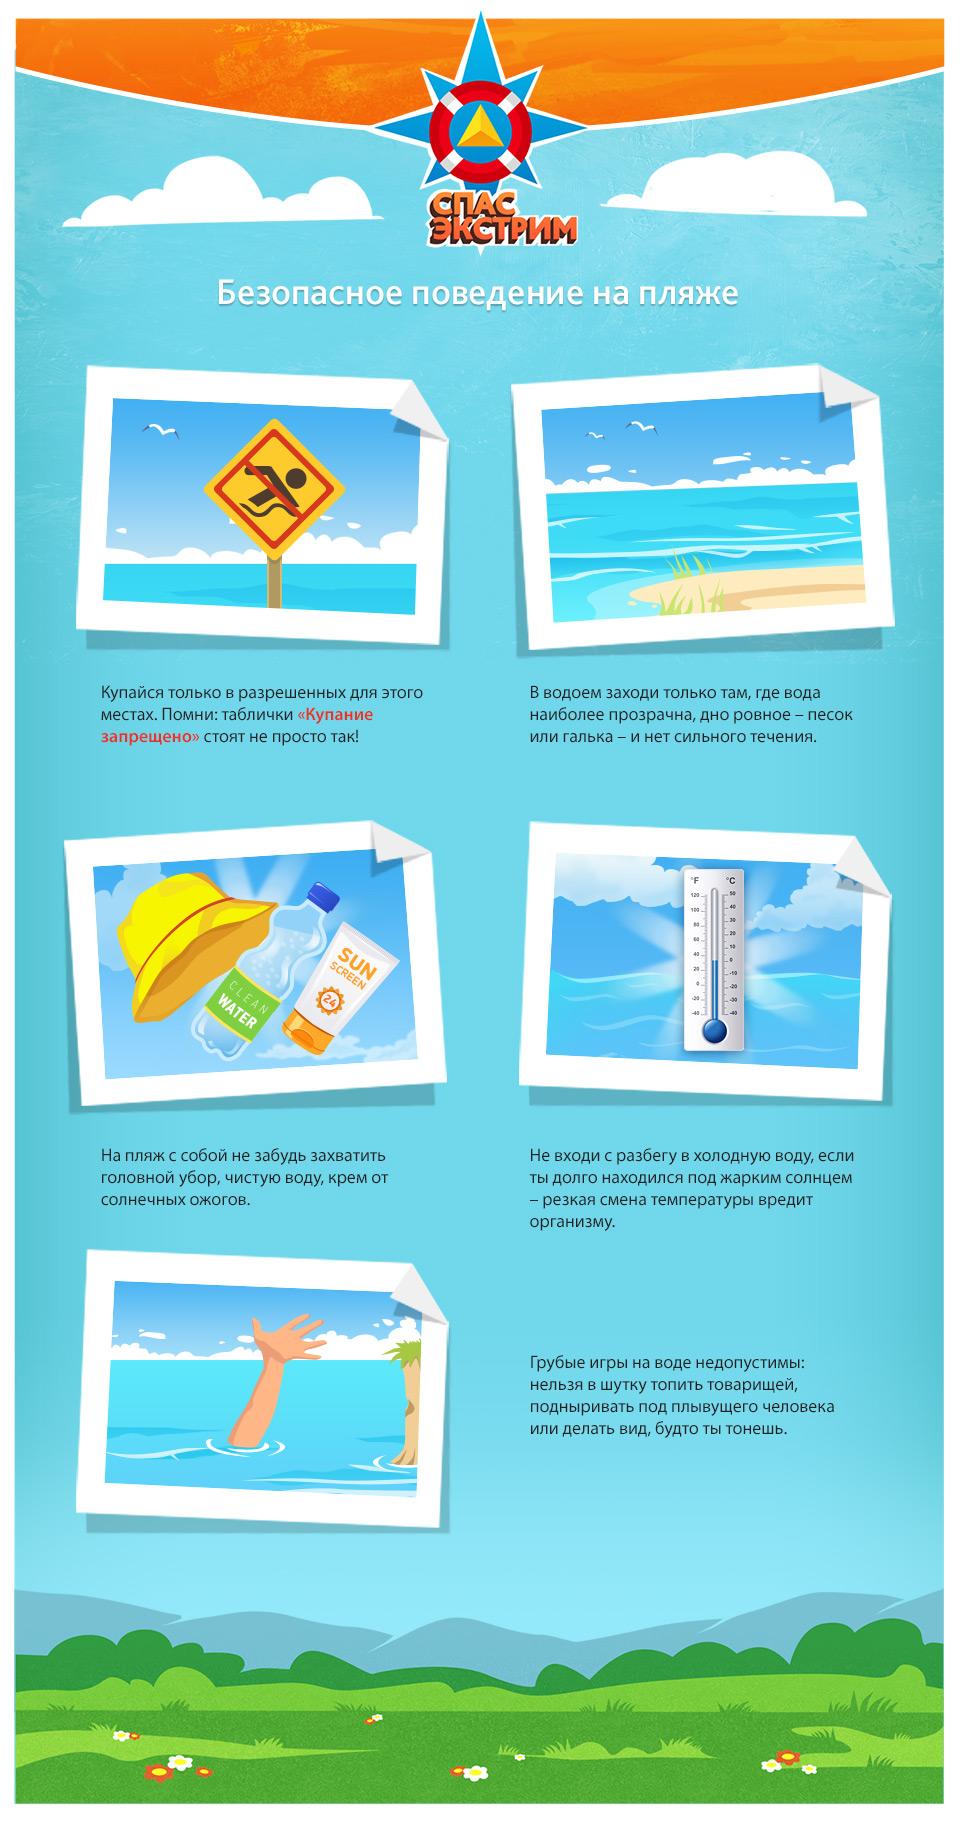 Безопасность детей на пляже: доктор комаровский рассказал, как предотвратить утопление - womanel